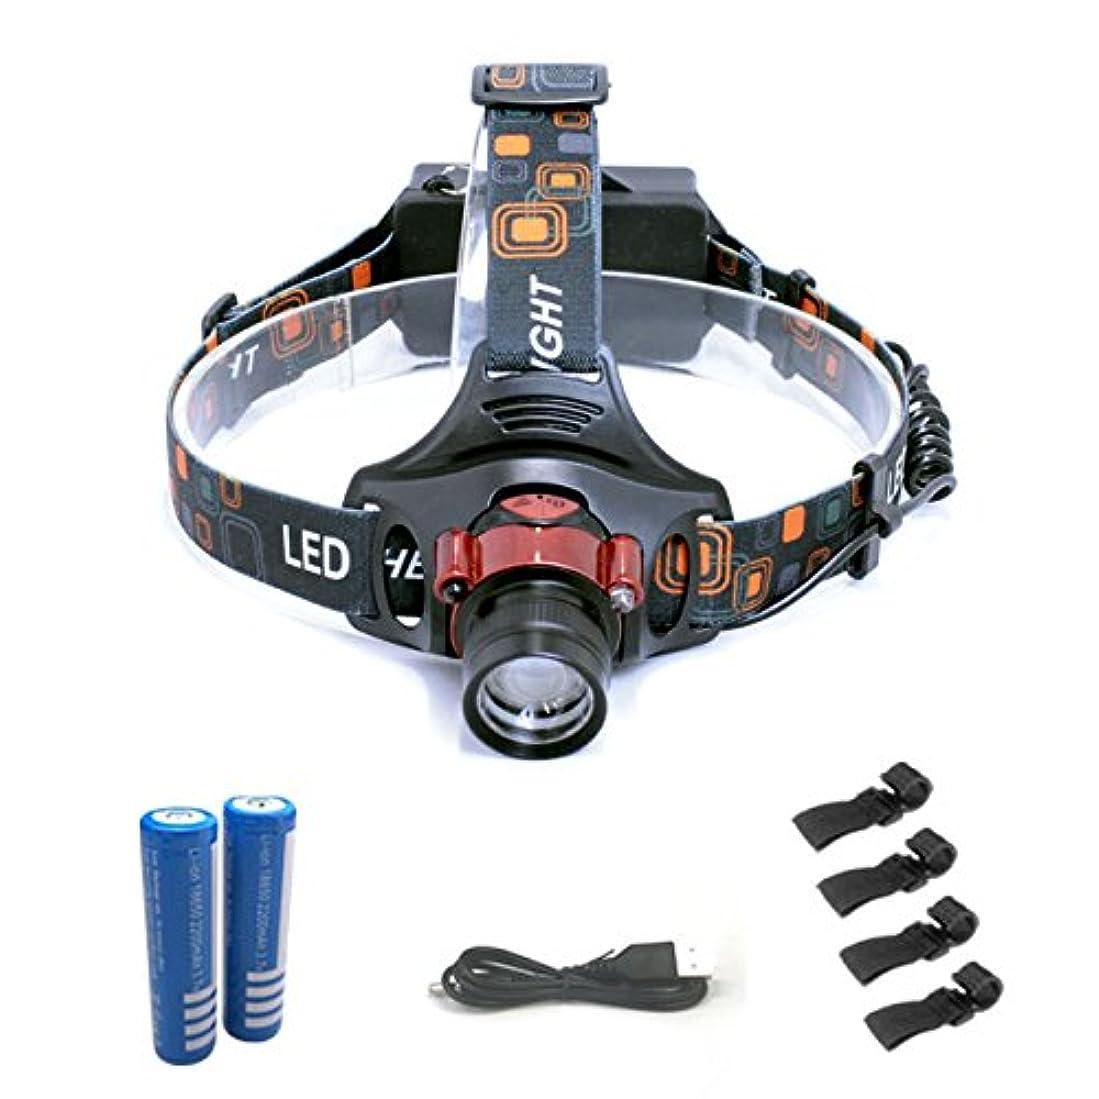 青写真着実に疑問に思うヘッドライト 1600ルーメン 照射距離300メートル 充電式 センサー機能搭載 自動点灯 LEDヘッドライト 電池/充電ケーブル/ヘルメットホルダー 付属 ヘッドランプ fl-sh023